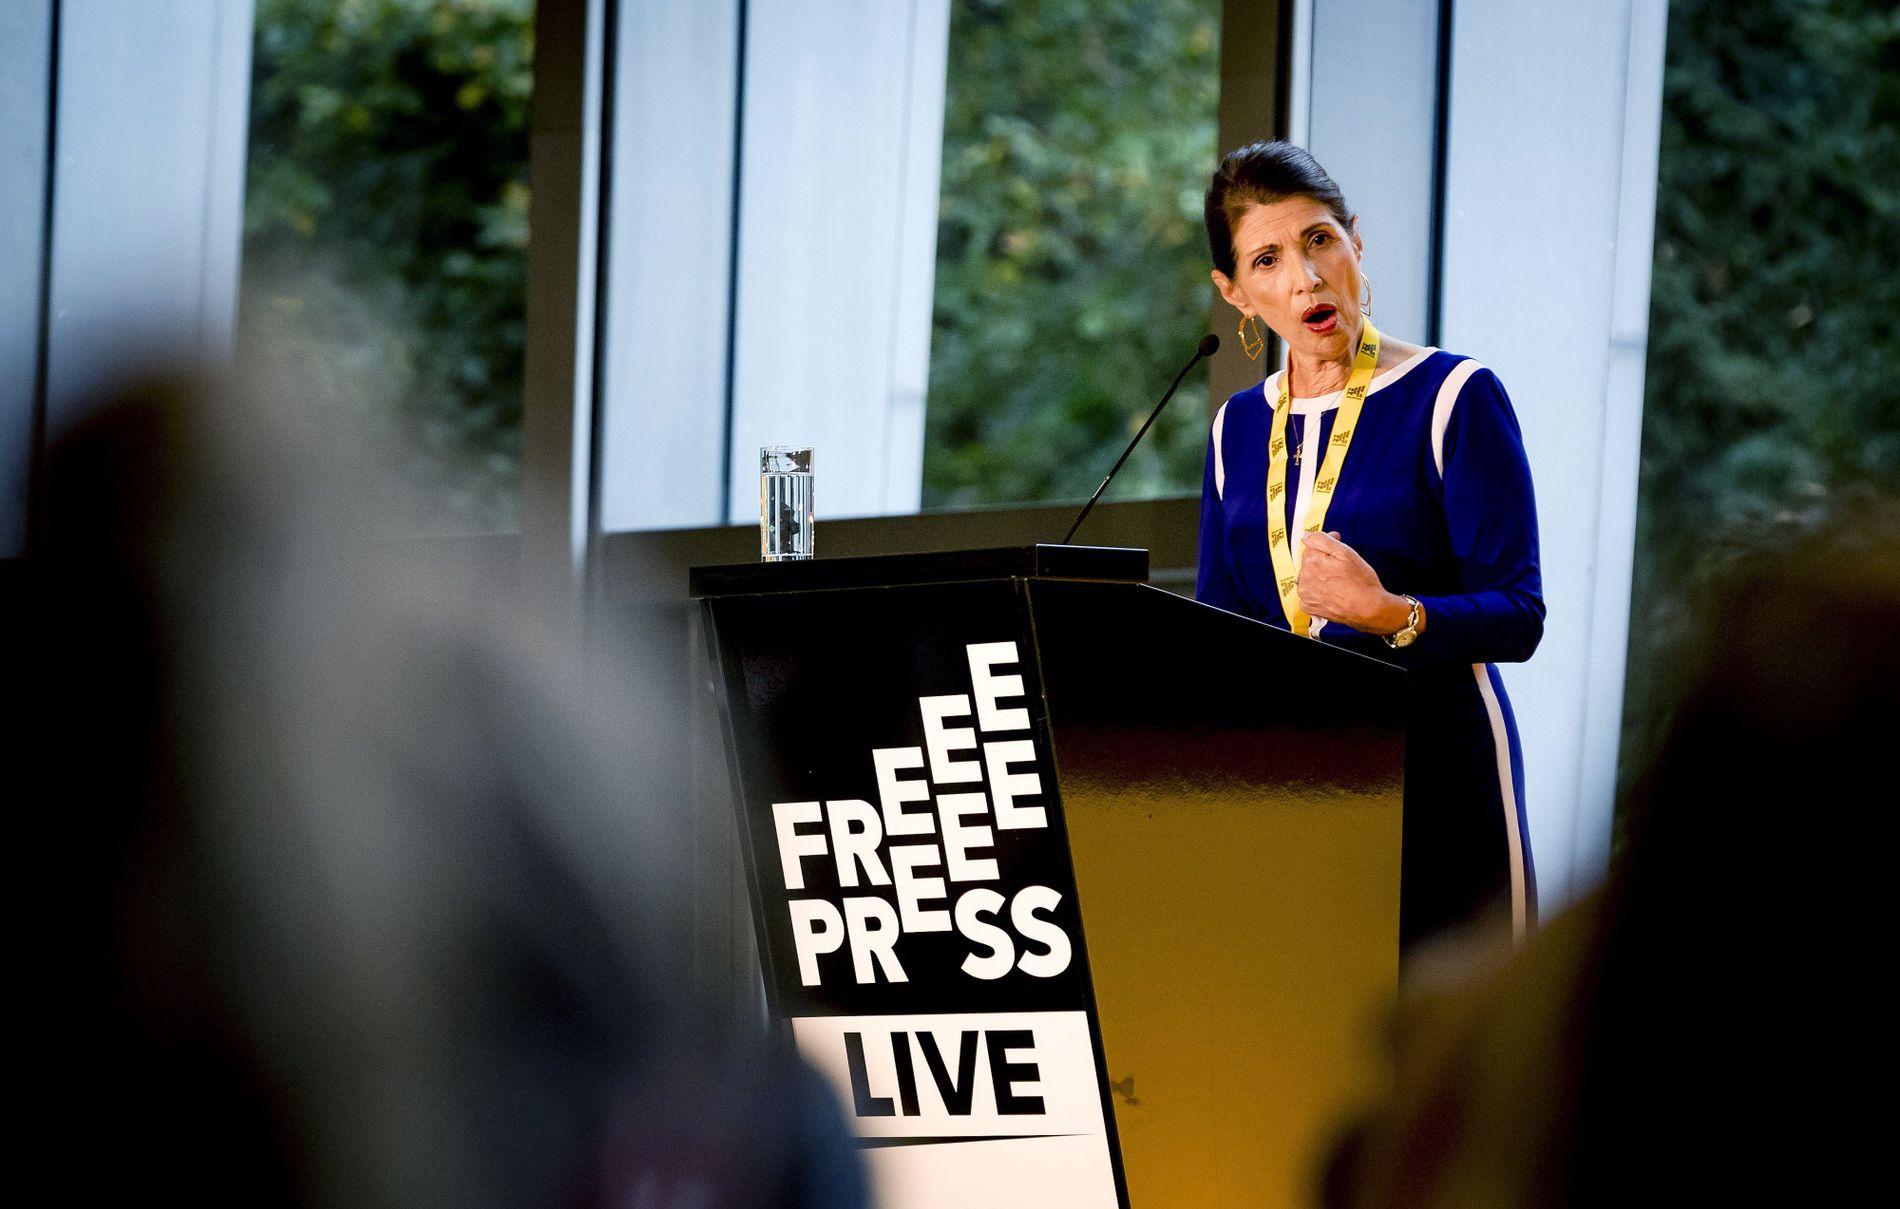 LIVSTID: Diane Foley, moren til  James Foley, som ble tatt til fange- og drept av IS, håper de to pågrepne IS-krigerne blir sperret inne for livstid.